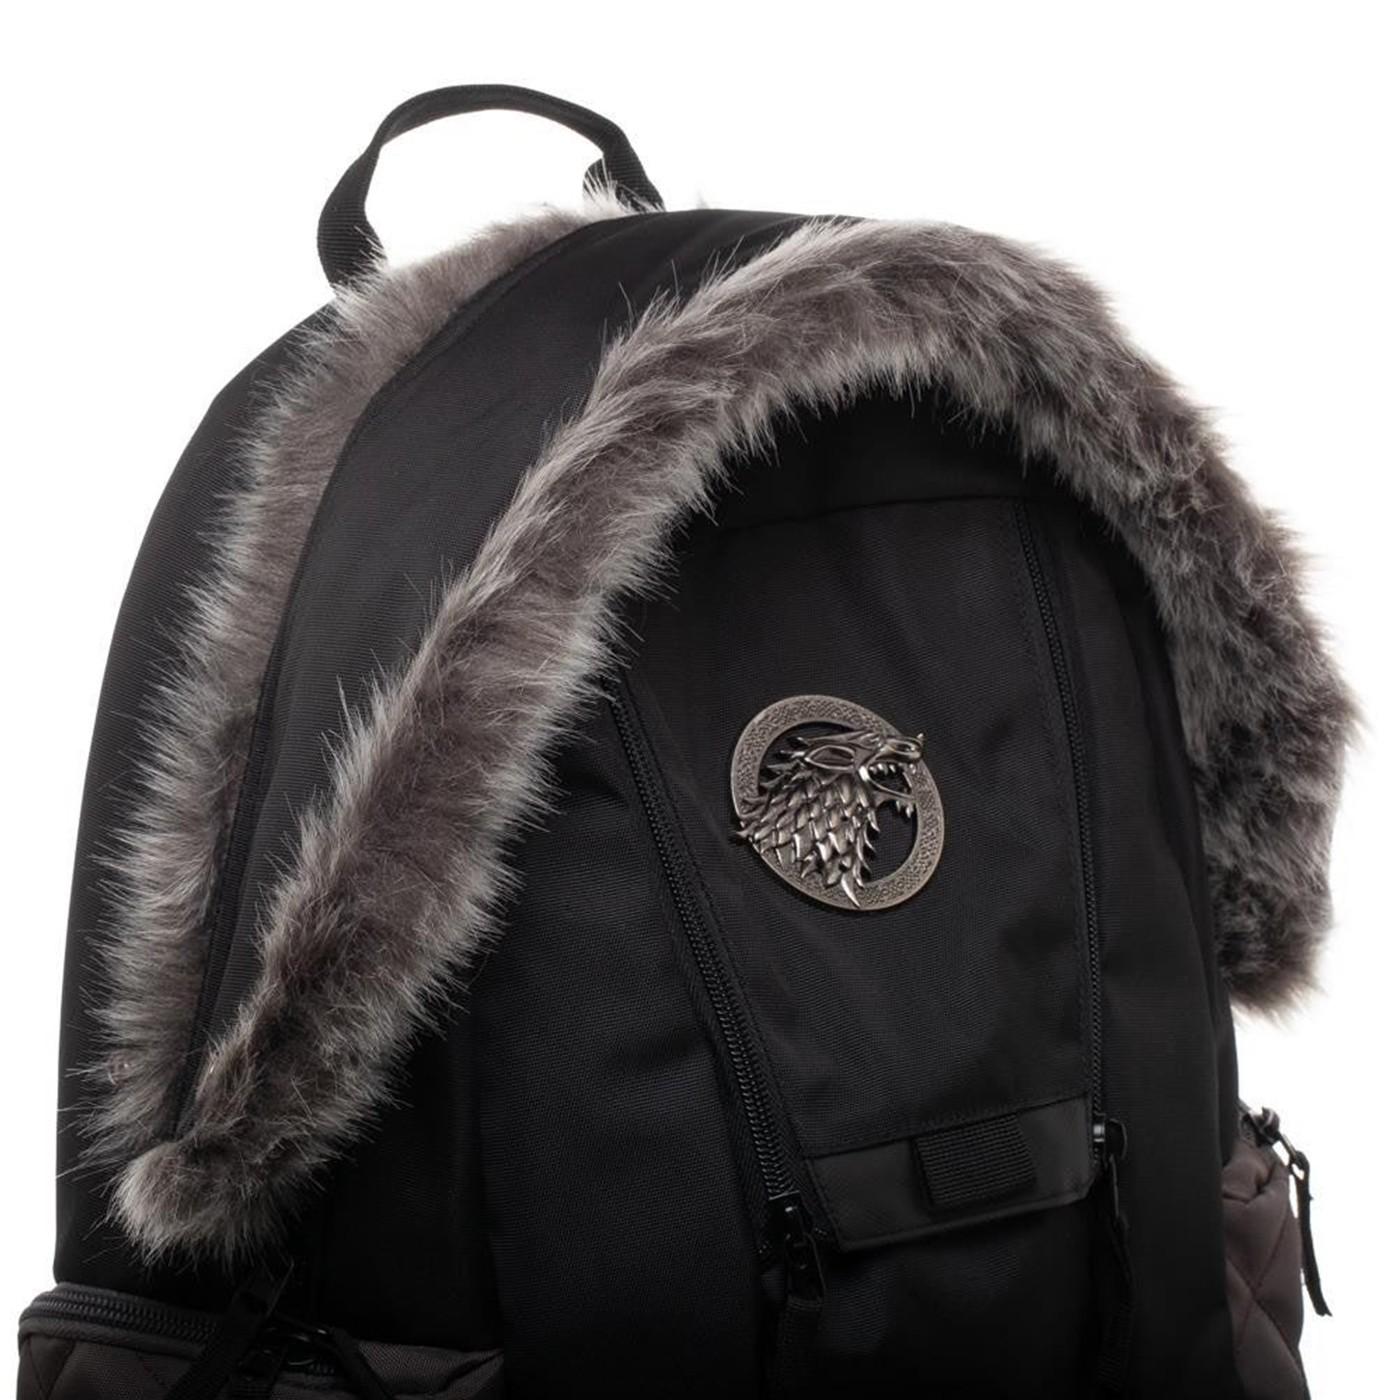 Game of Thrones Stark Inspired Backpack